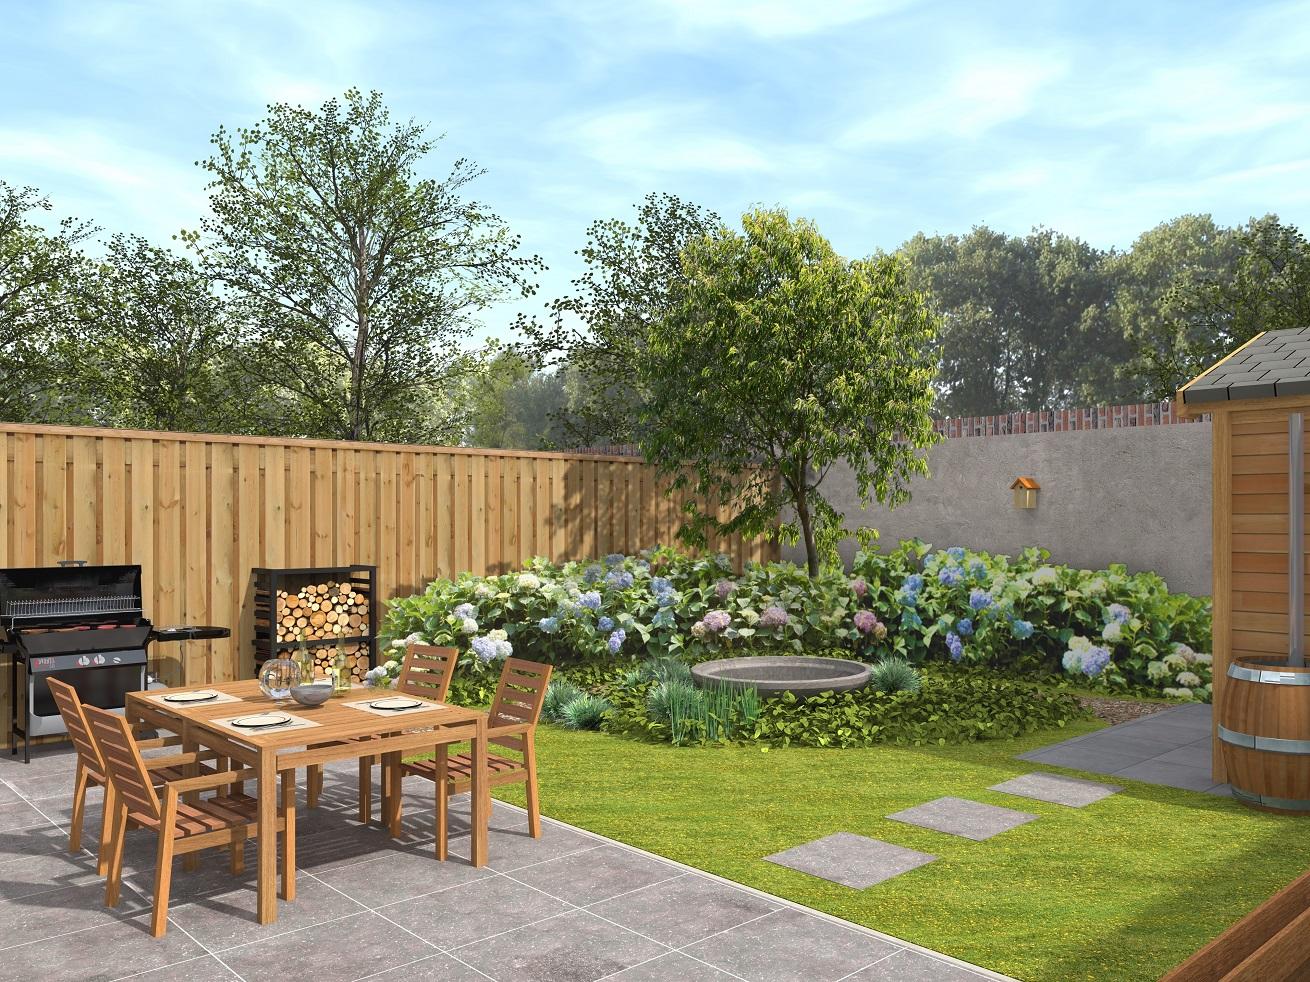 Exclusieve tuinen en levensechte 3d ontwerpen bijzonder for Eenvoudige tuinontwerpen